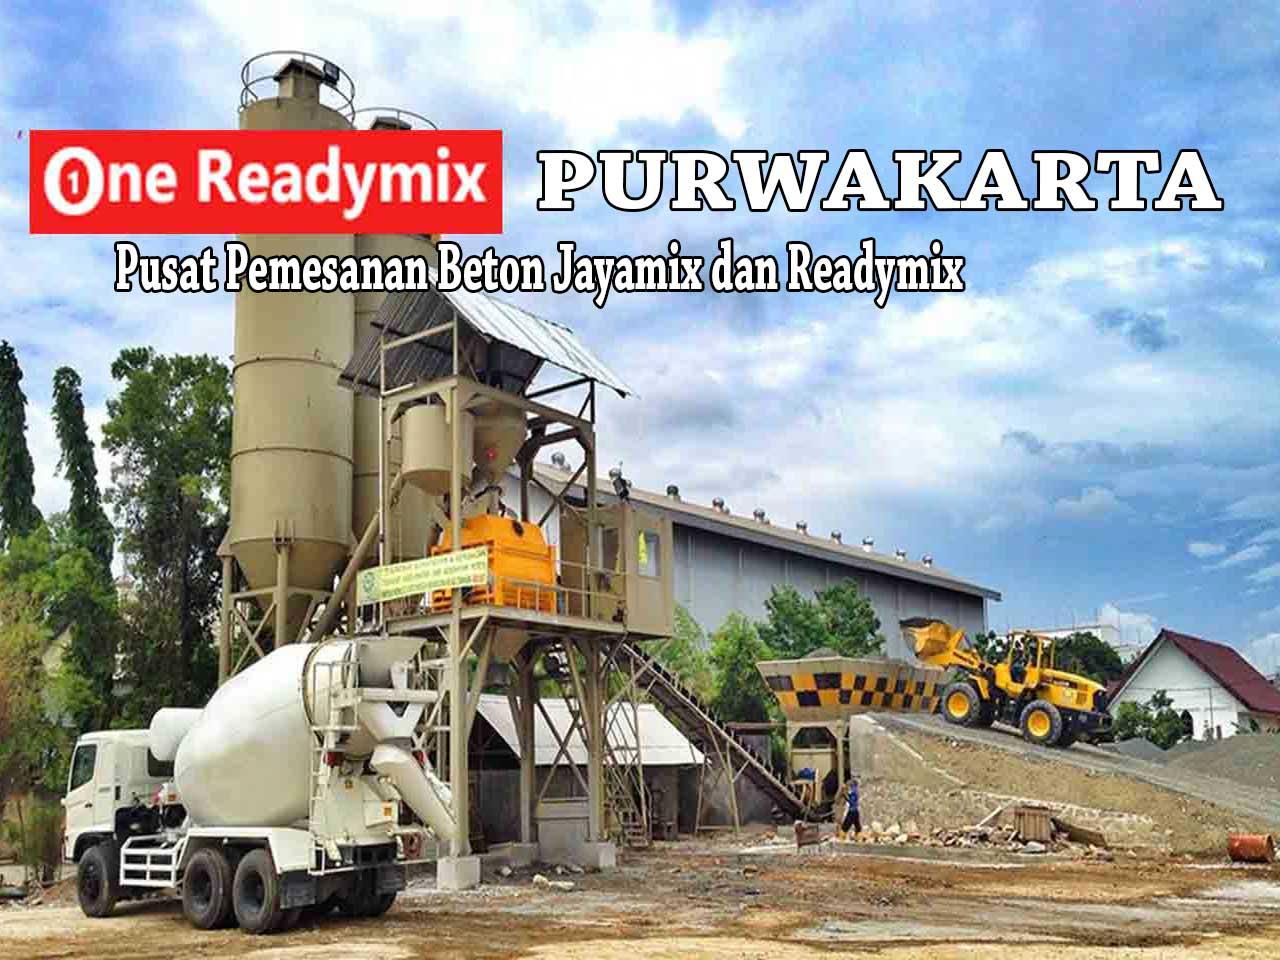 harga beton jayamix purwakarta 2019